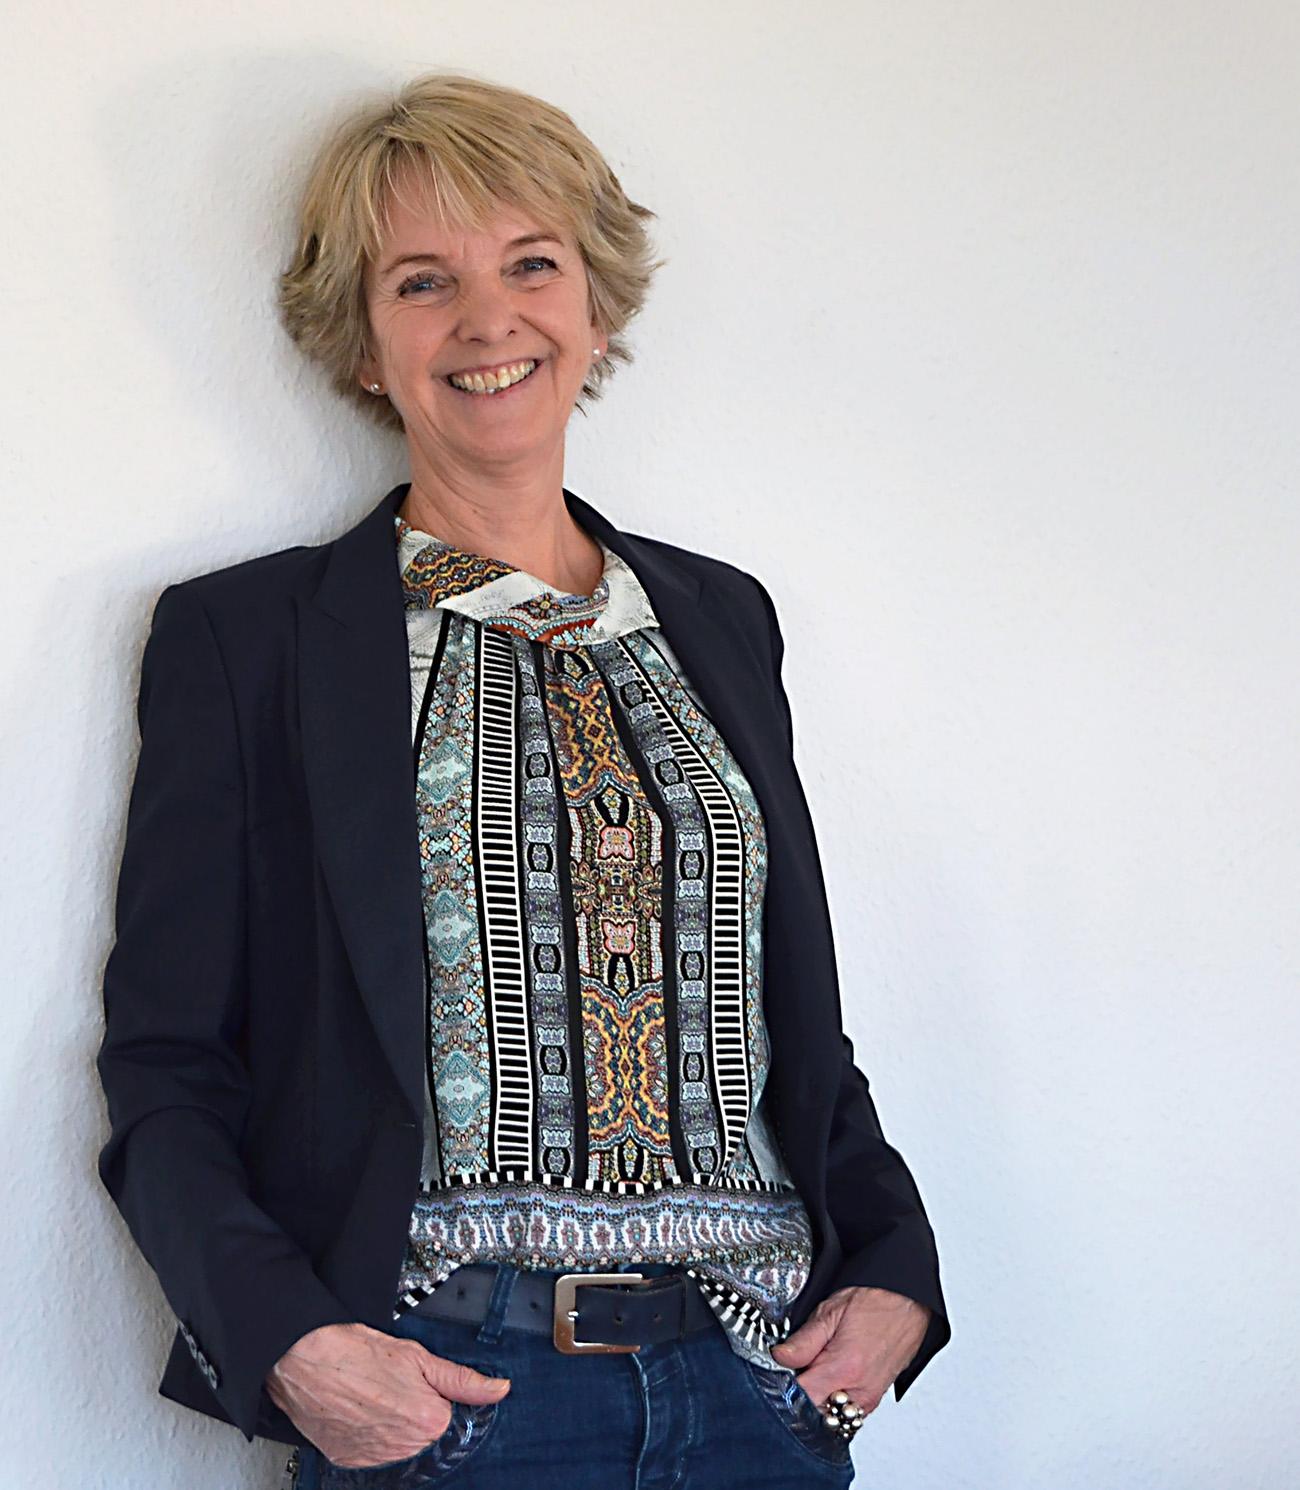 Eva Holten læner sig op af væggen og smiler iført business-jakke